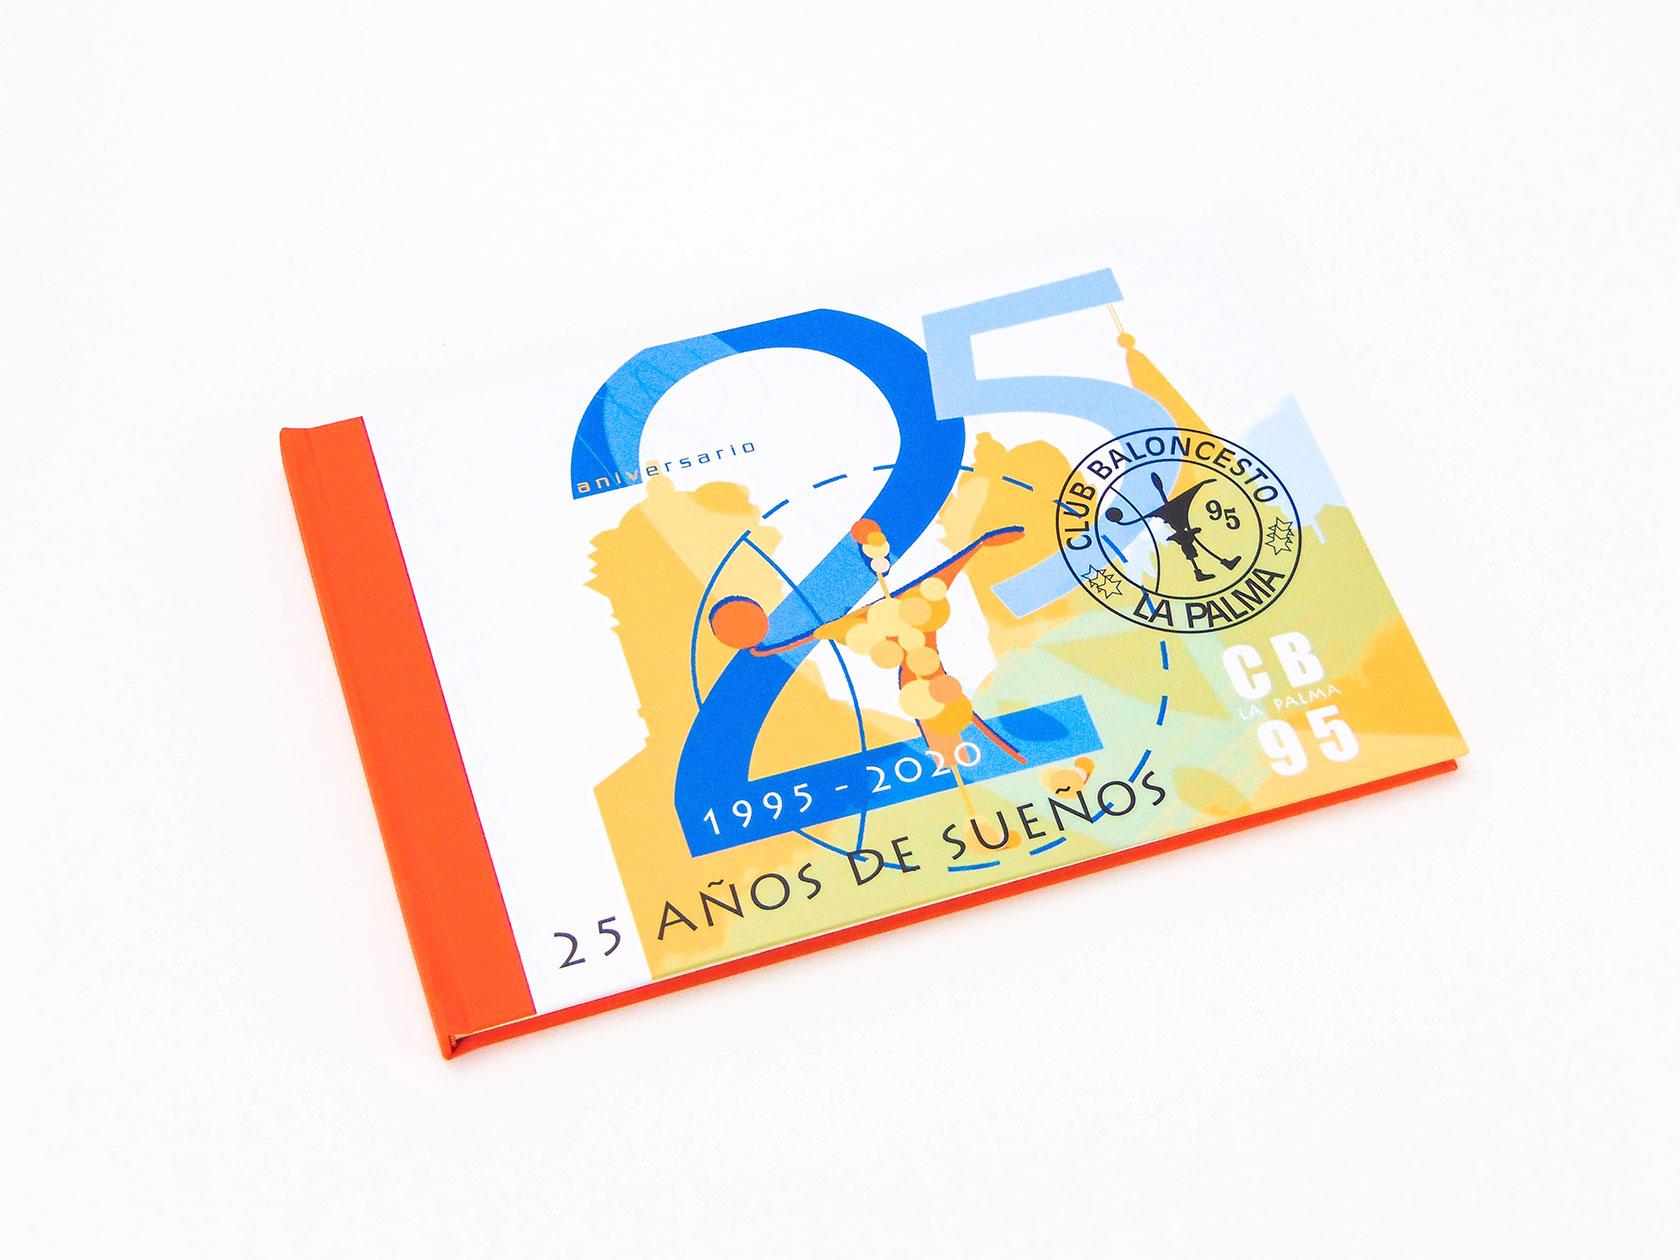 Libro de firmas para el Club de Baloncesto La Palma.